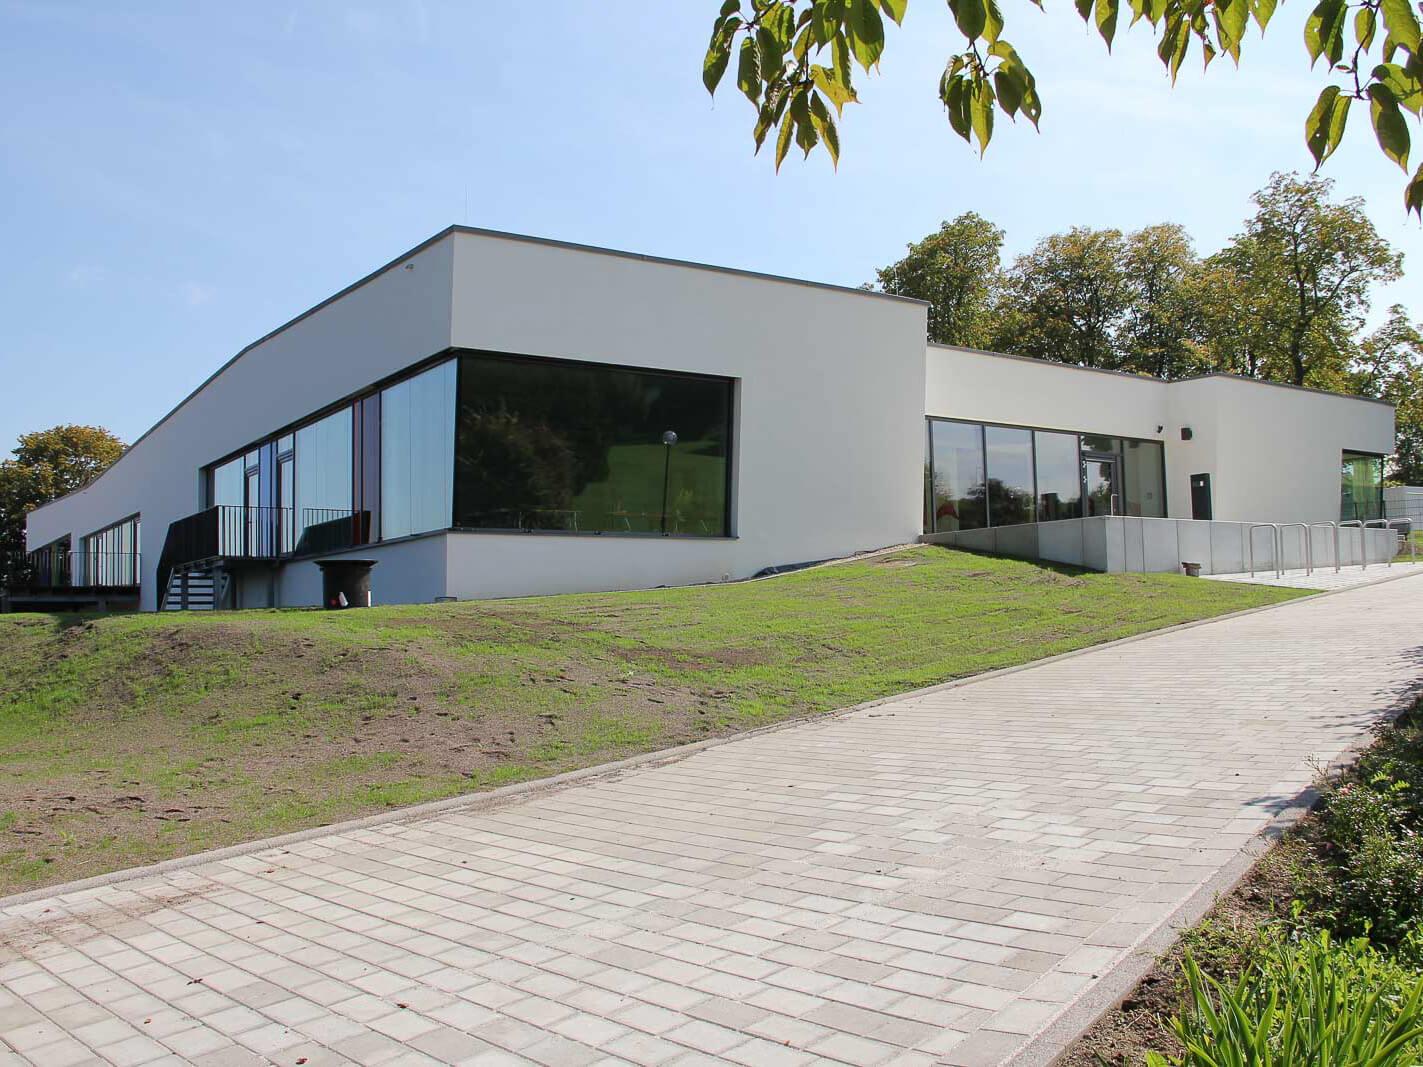 Seitenansicht des Bildungszentrums in Wiernheim, Neubau vom Architekturbüro KMR-Planer